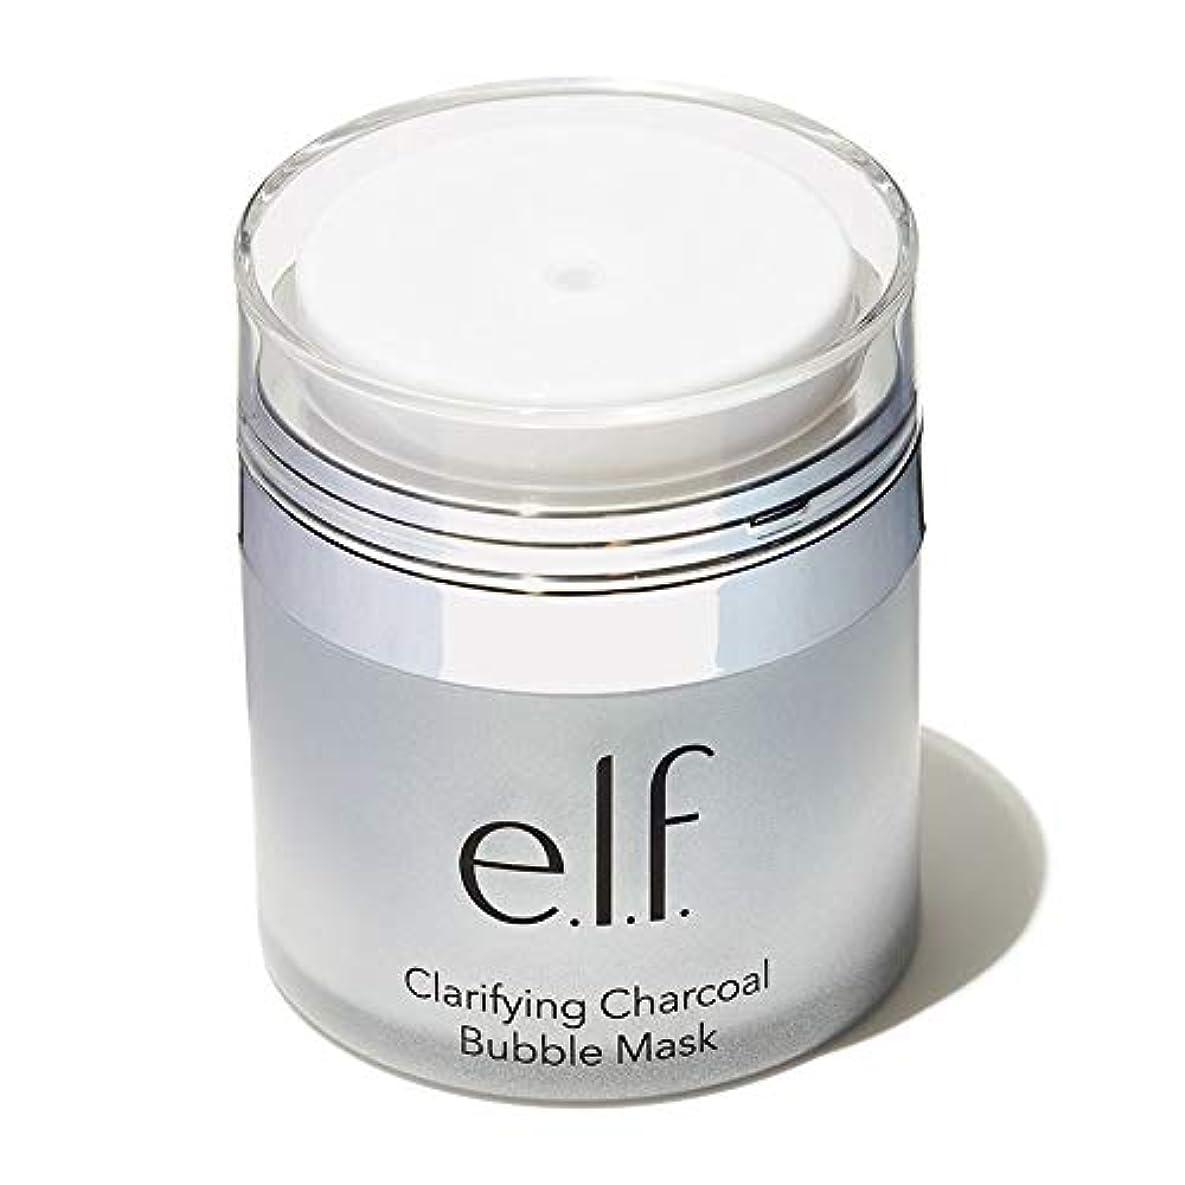 アレキサンダーグラハムベルバスルーム皮肉なe.l.f. Clarifying Charcoal Bubble Mask (並行輸入品)